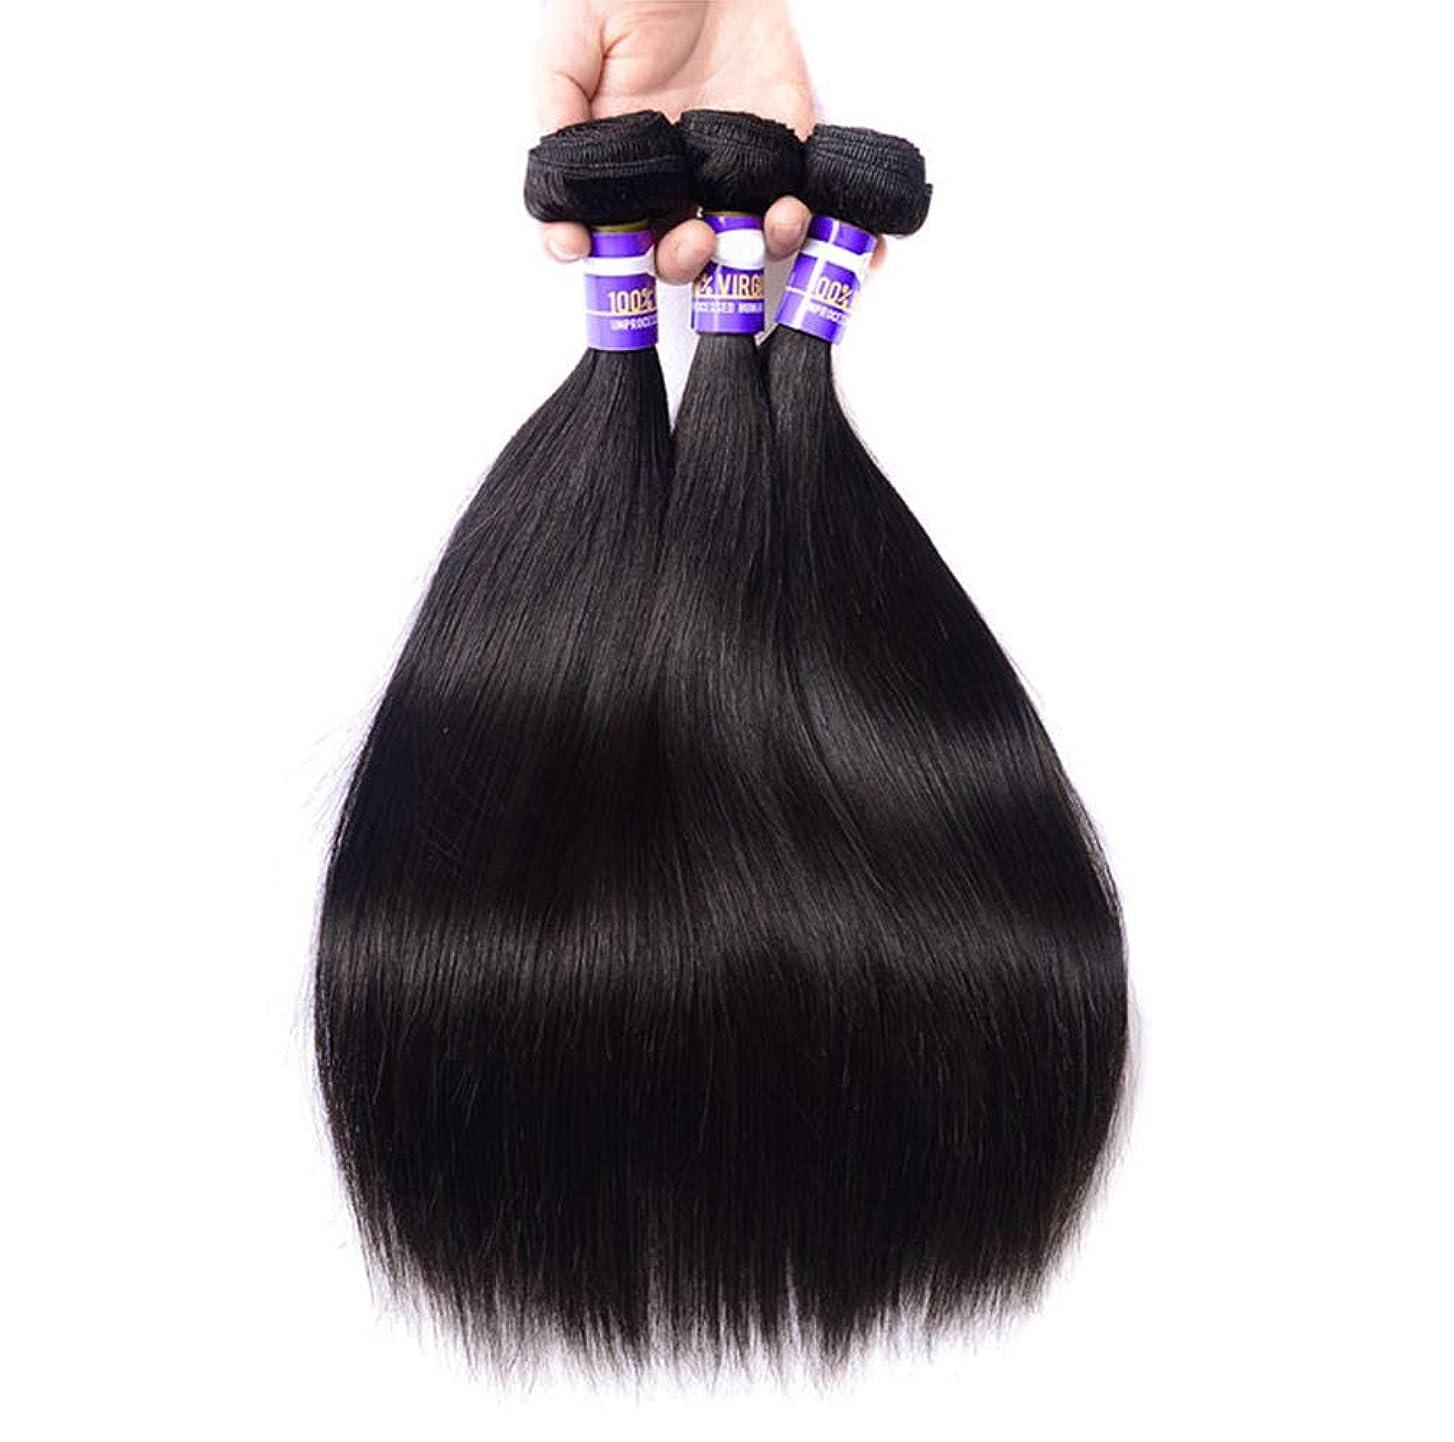 注入する権限を与えるオート女性の髪織り9Aブラジルのストレートヘアバンドル安いブラジルのヘアバンドルストレート人間の髪のバンドル(3バンドル)